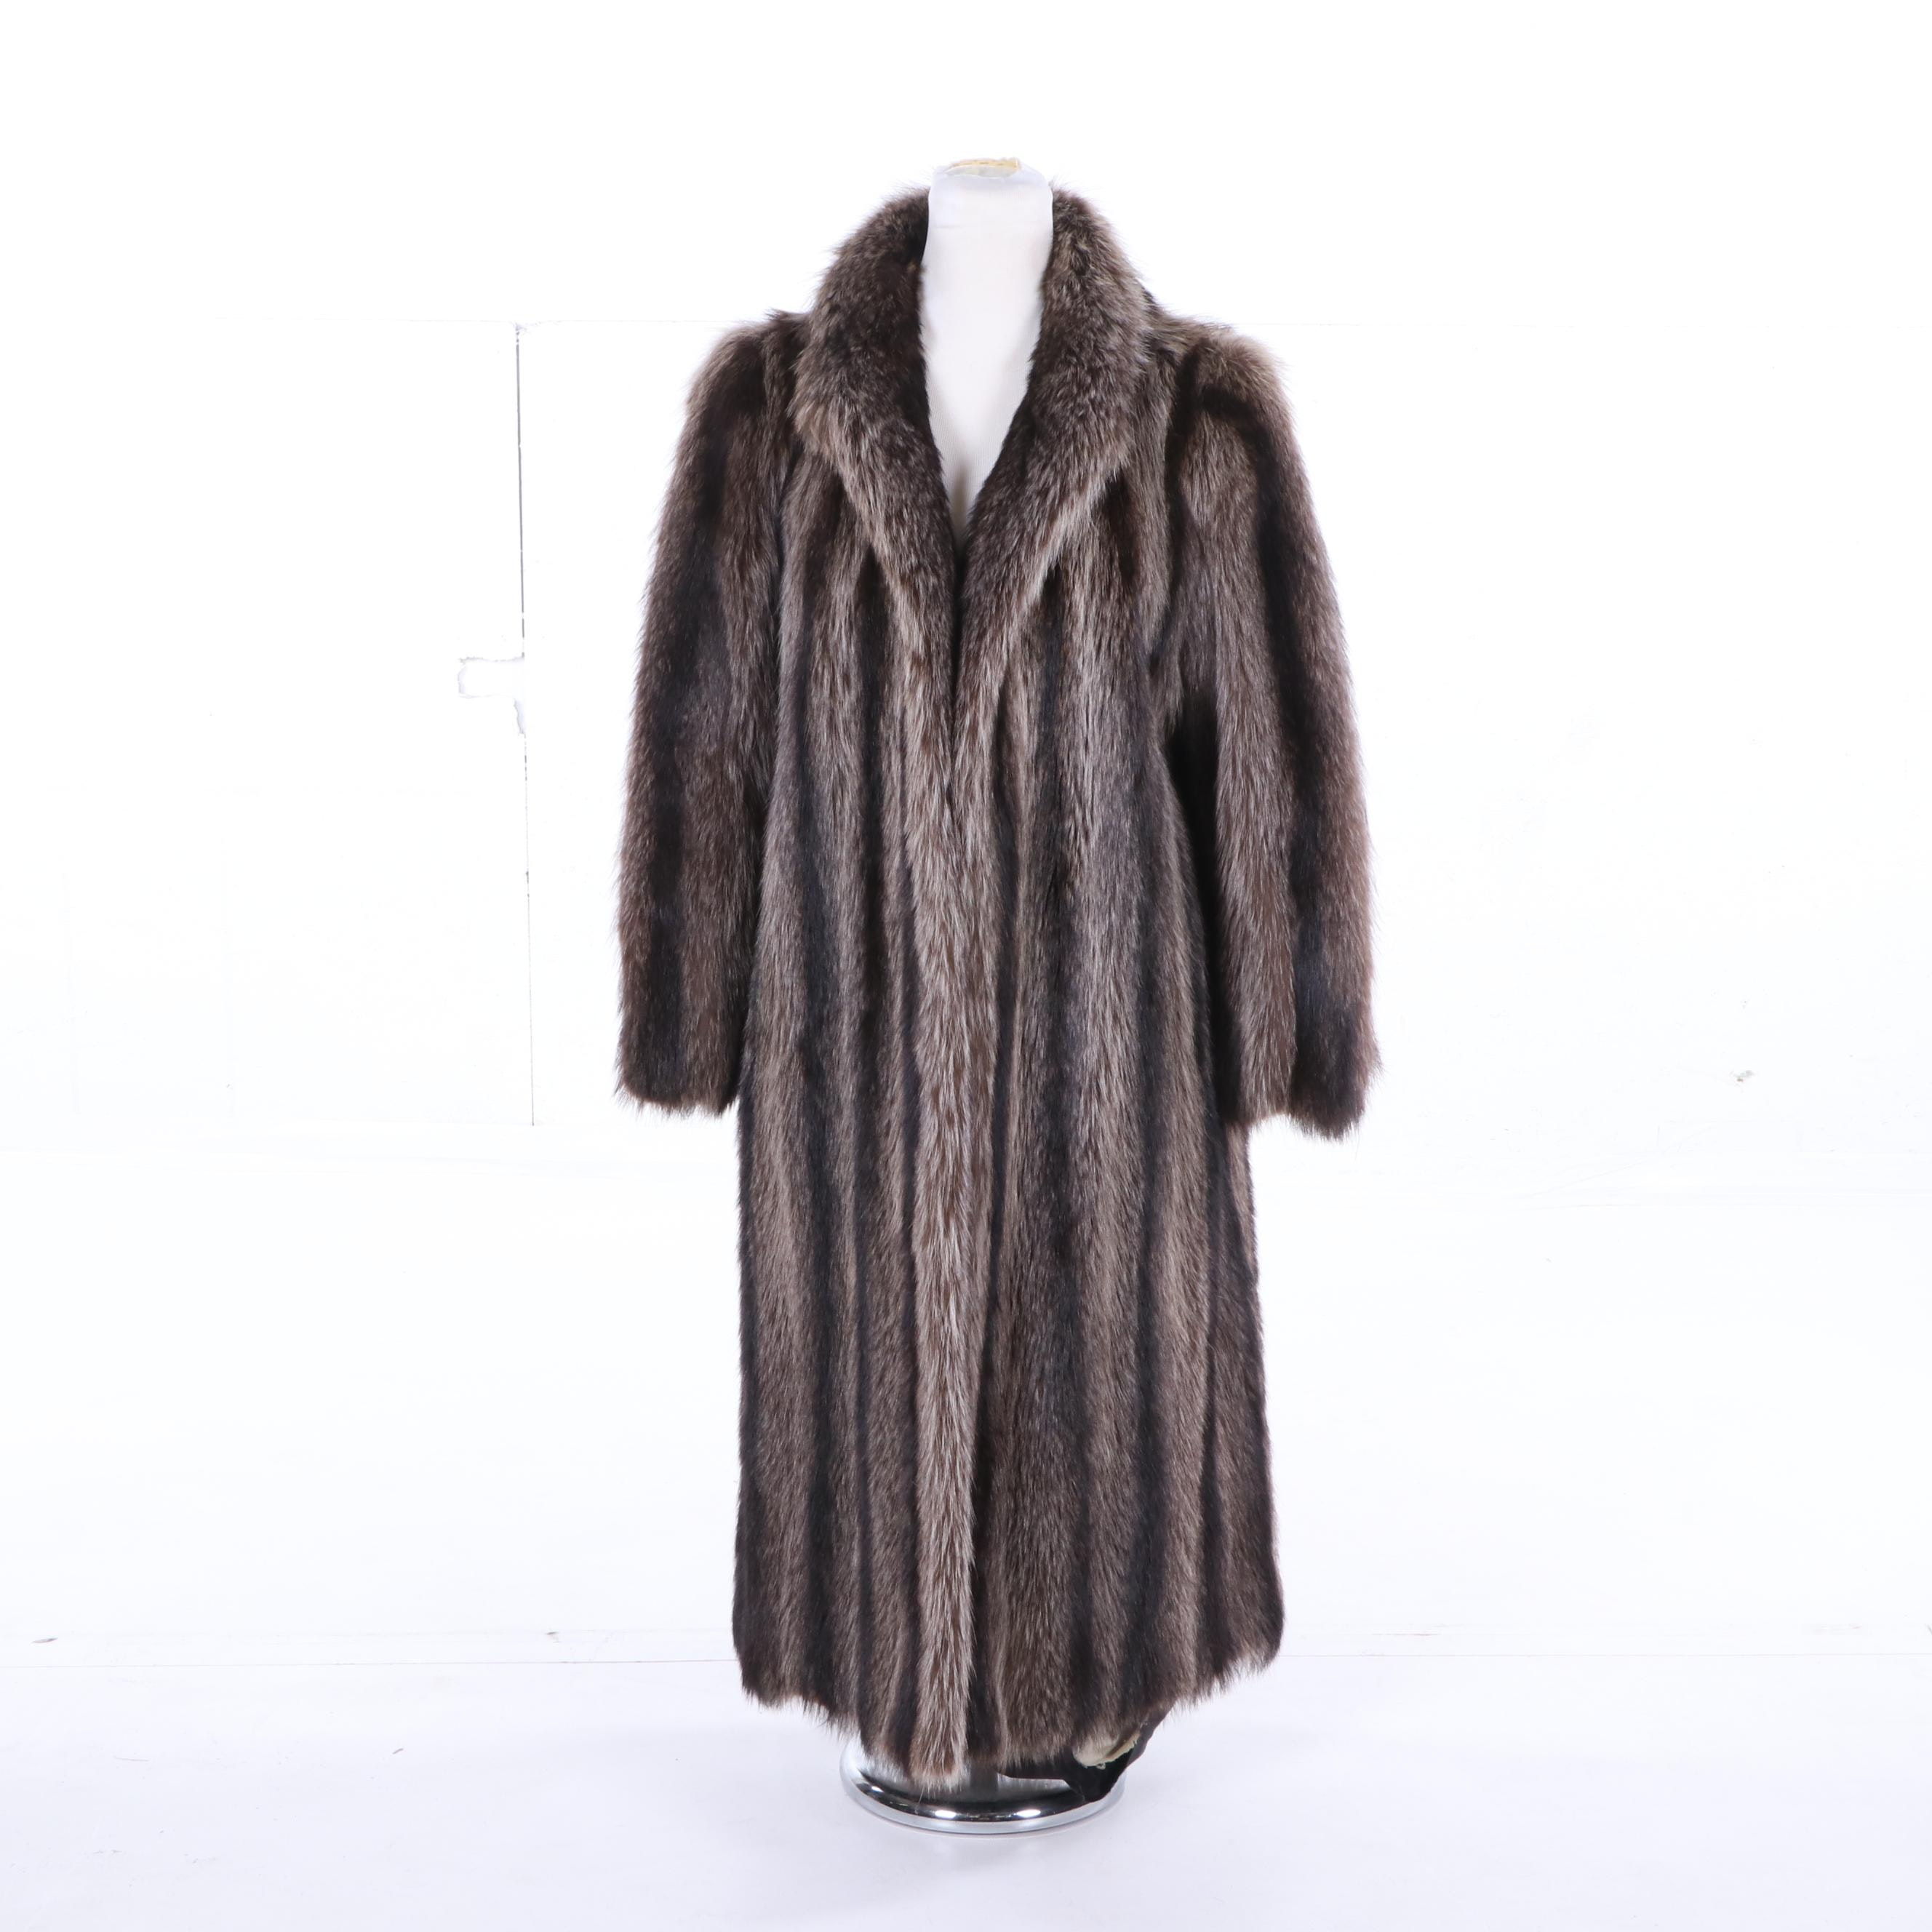 Women's Full-Length Raccoon Fur Coat